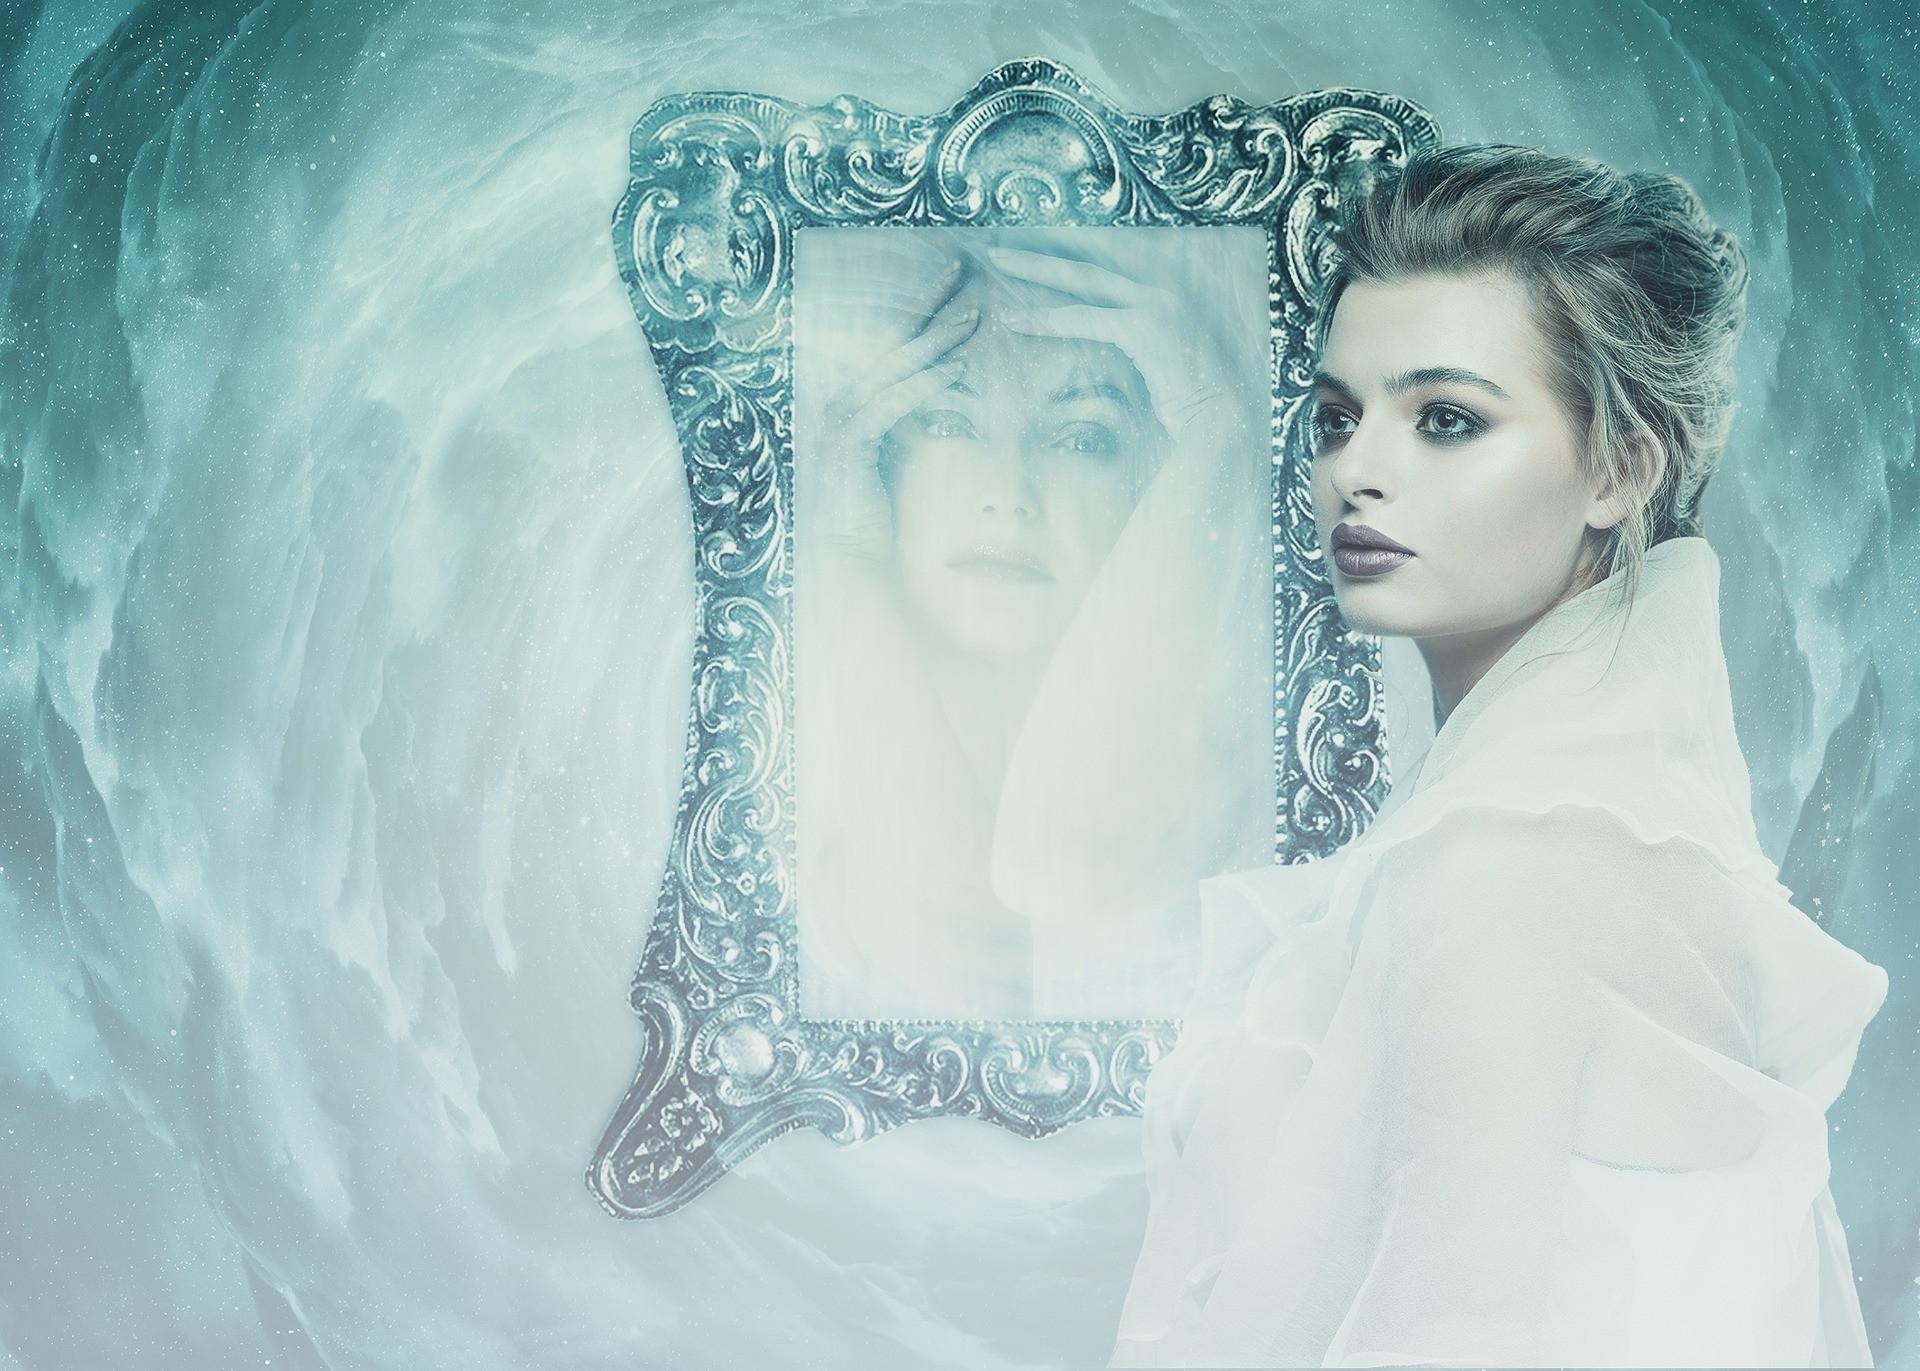 7 примет с зеркалами, которые доказано работают